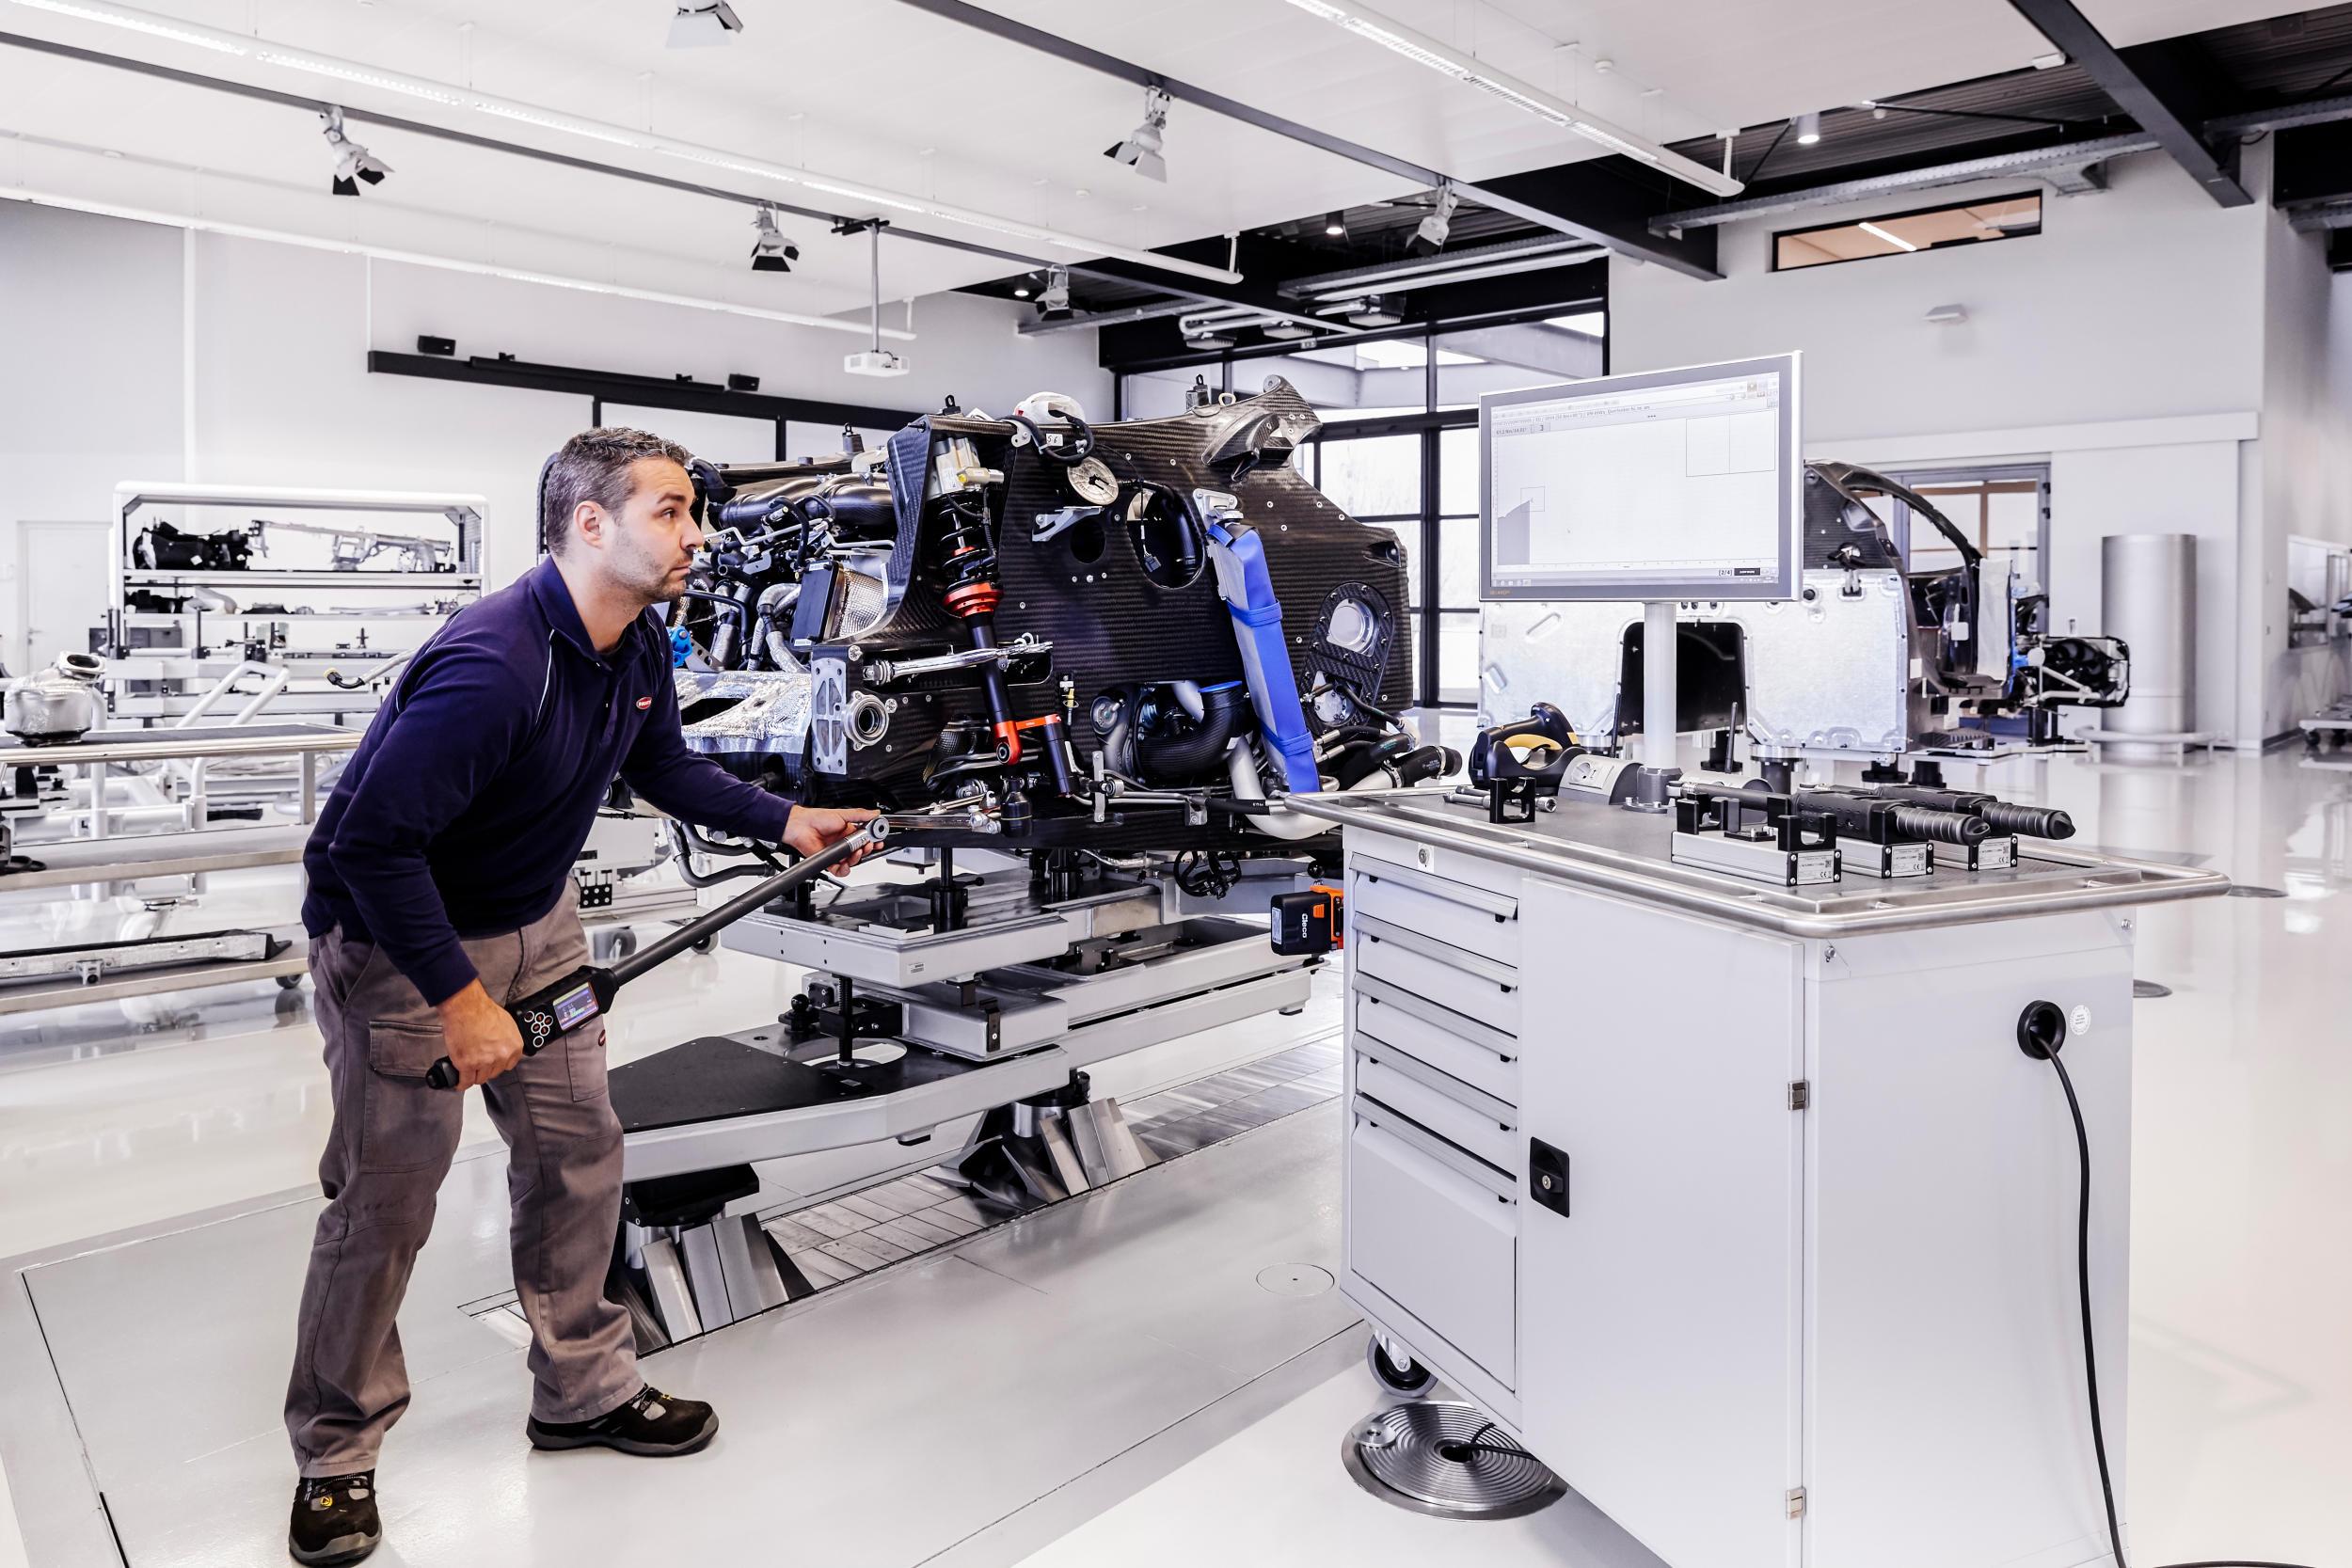 Bugatti chiron fabriek MAN MAN 2